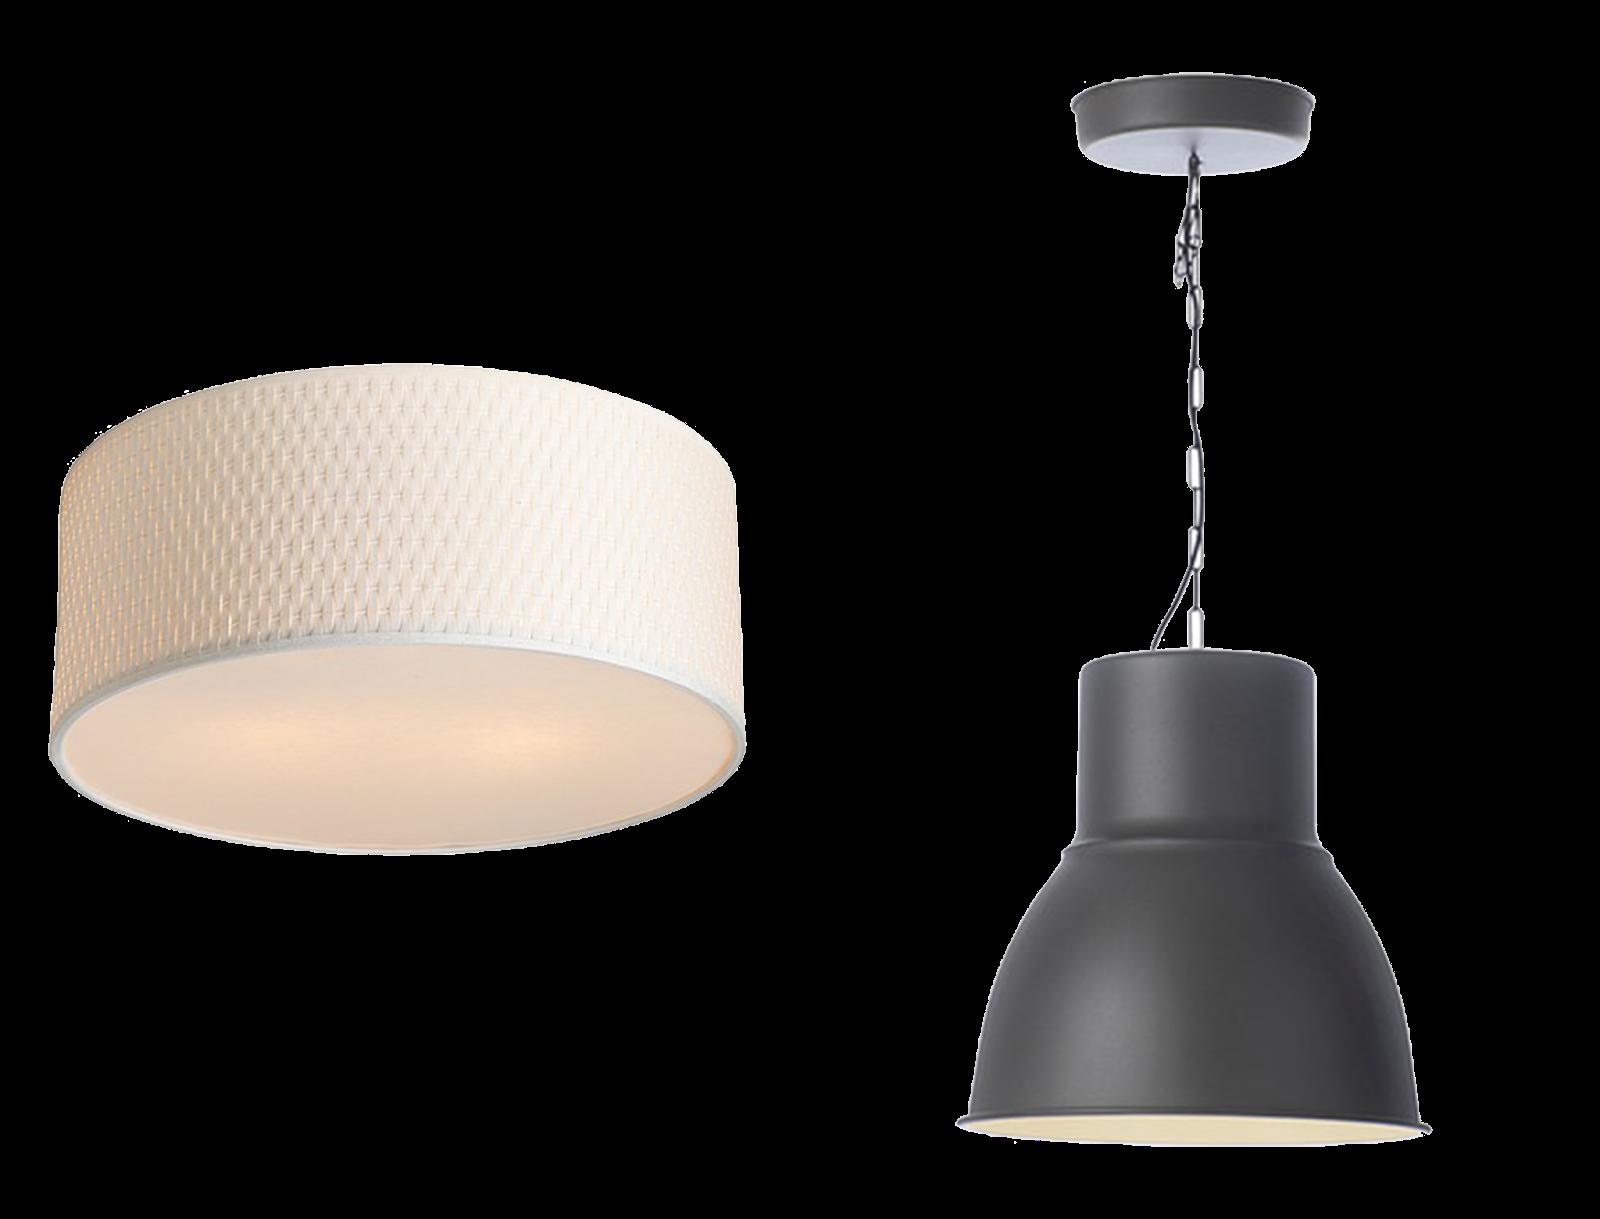 Lampade Da Soffitto Ikea : Lampade soffitto ikea idee creative di interni e mobili u design